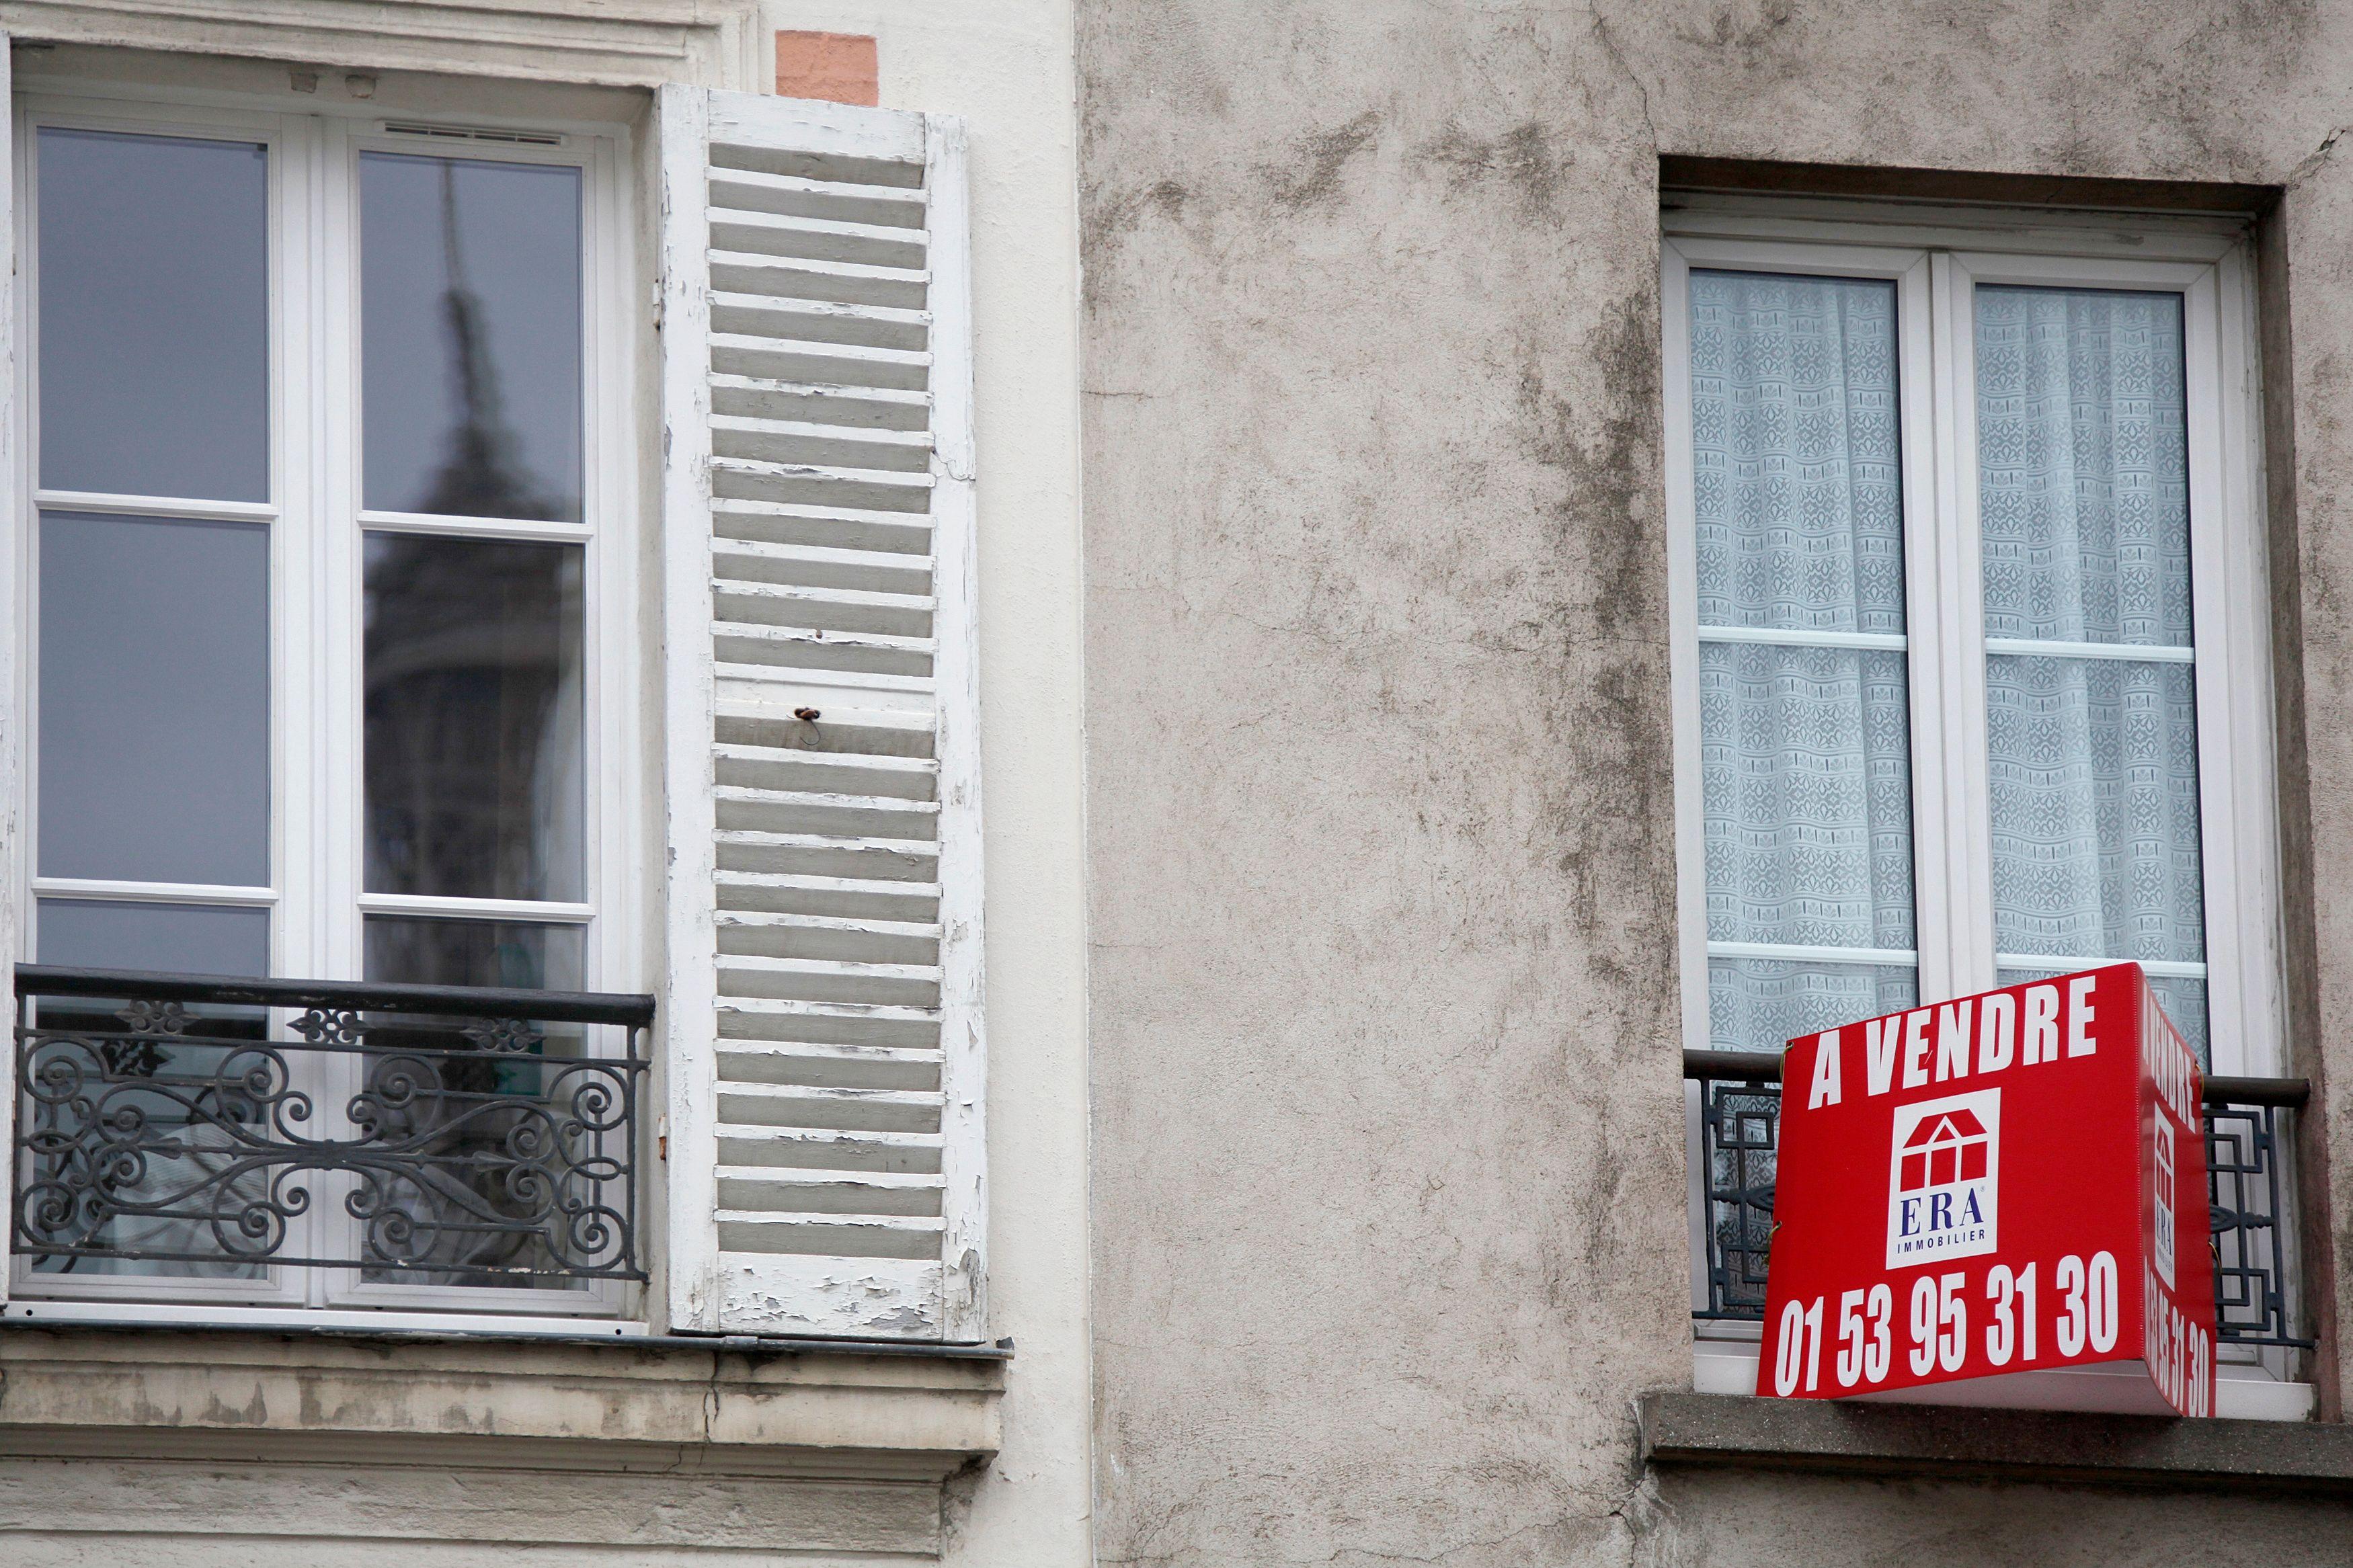 La baisse des prix immobiliers est annoncée.